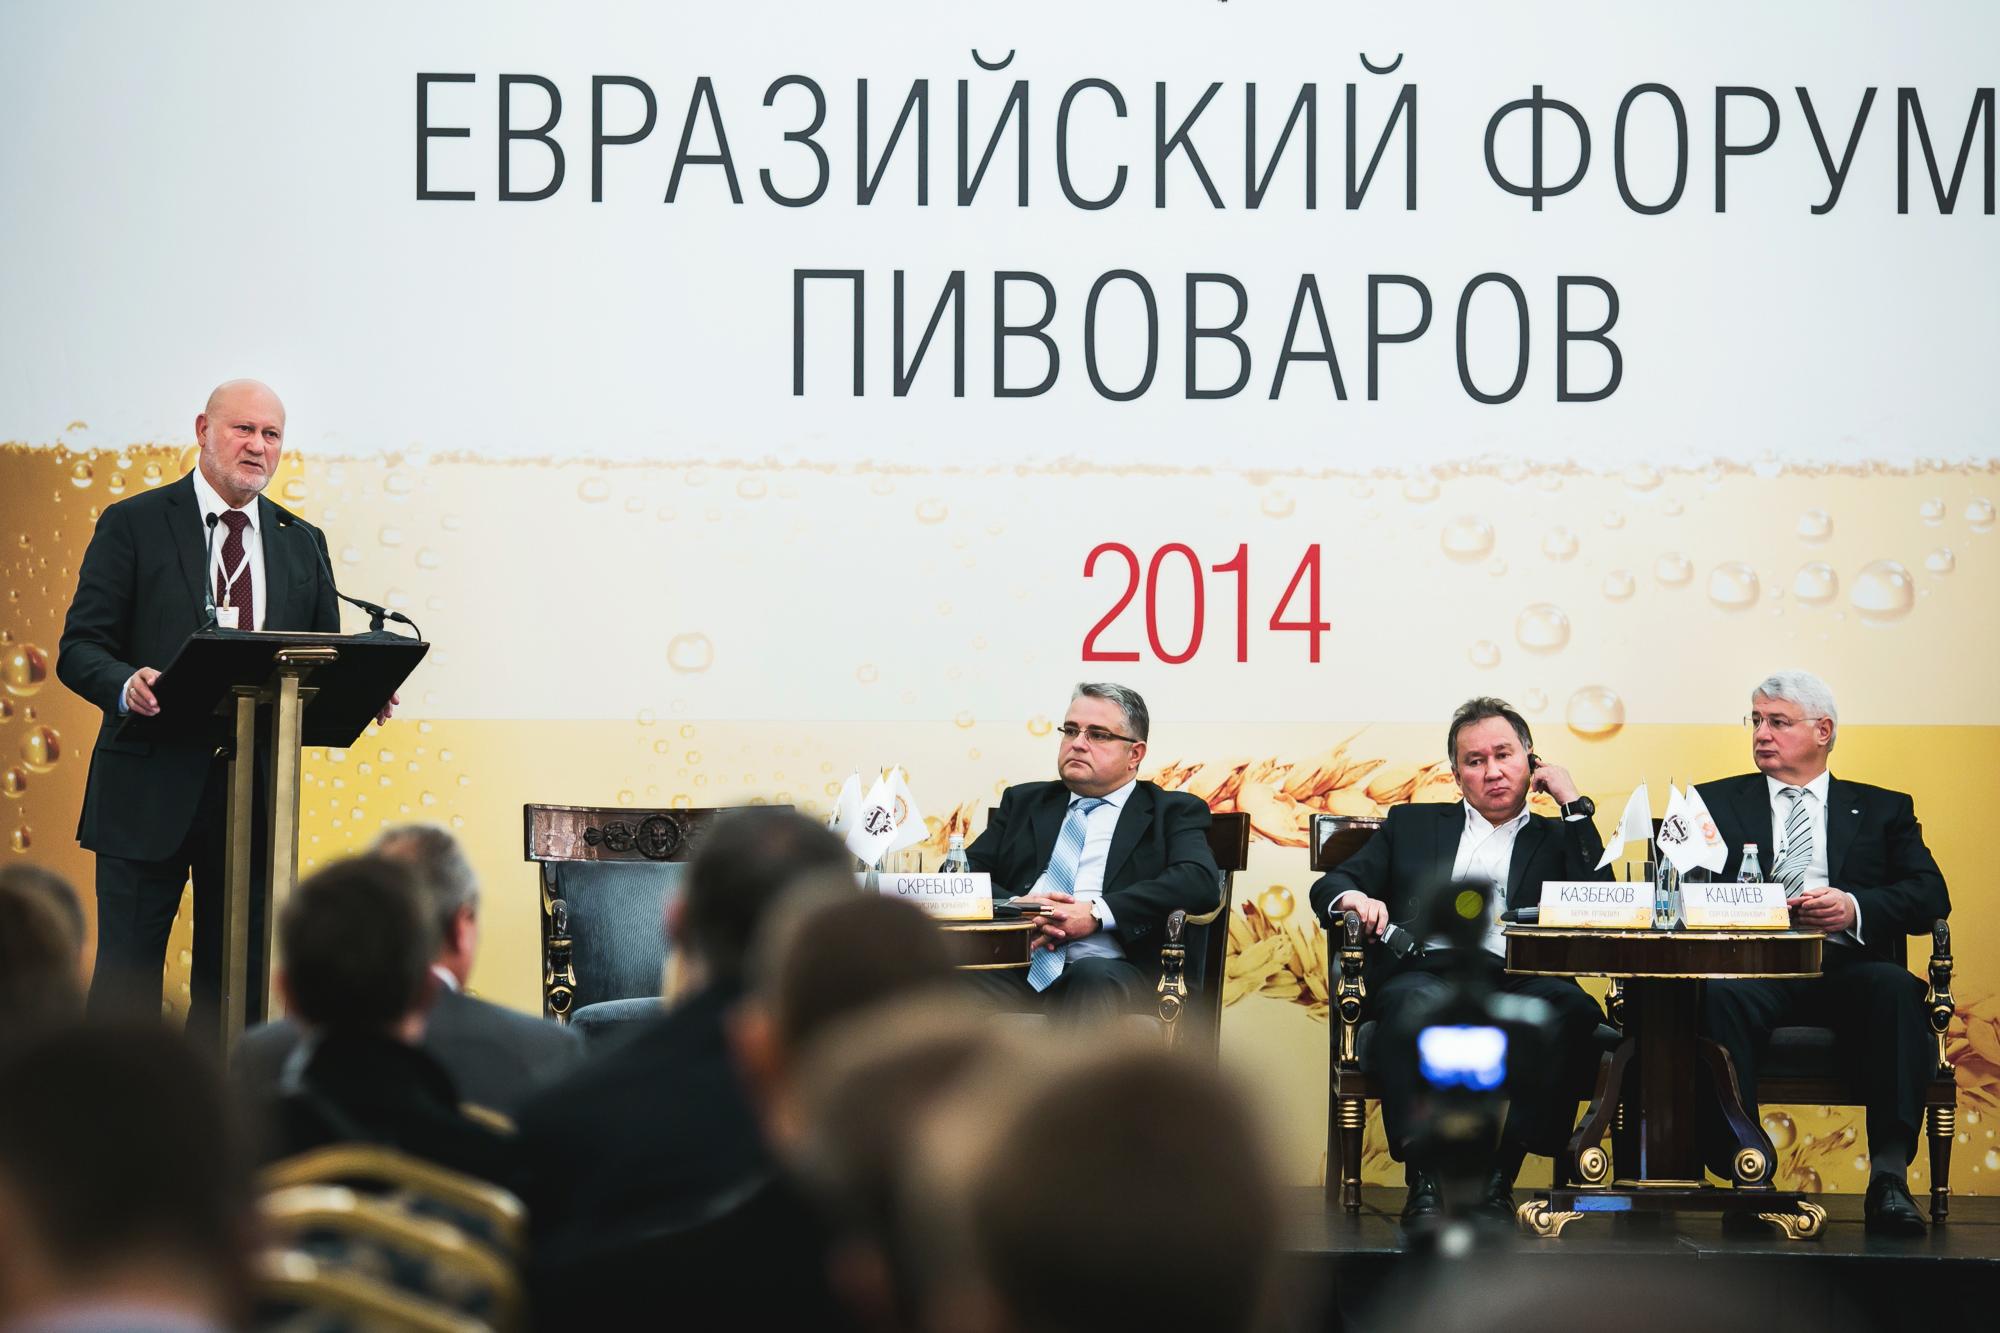 В столице России прошел Евразийский форум пивоваров 2014